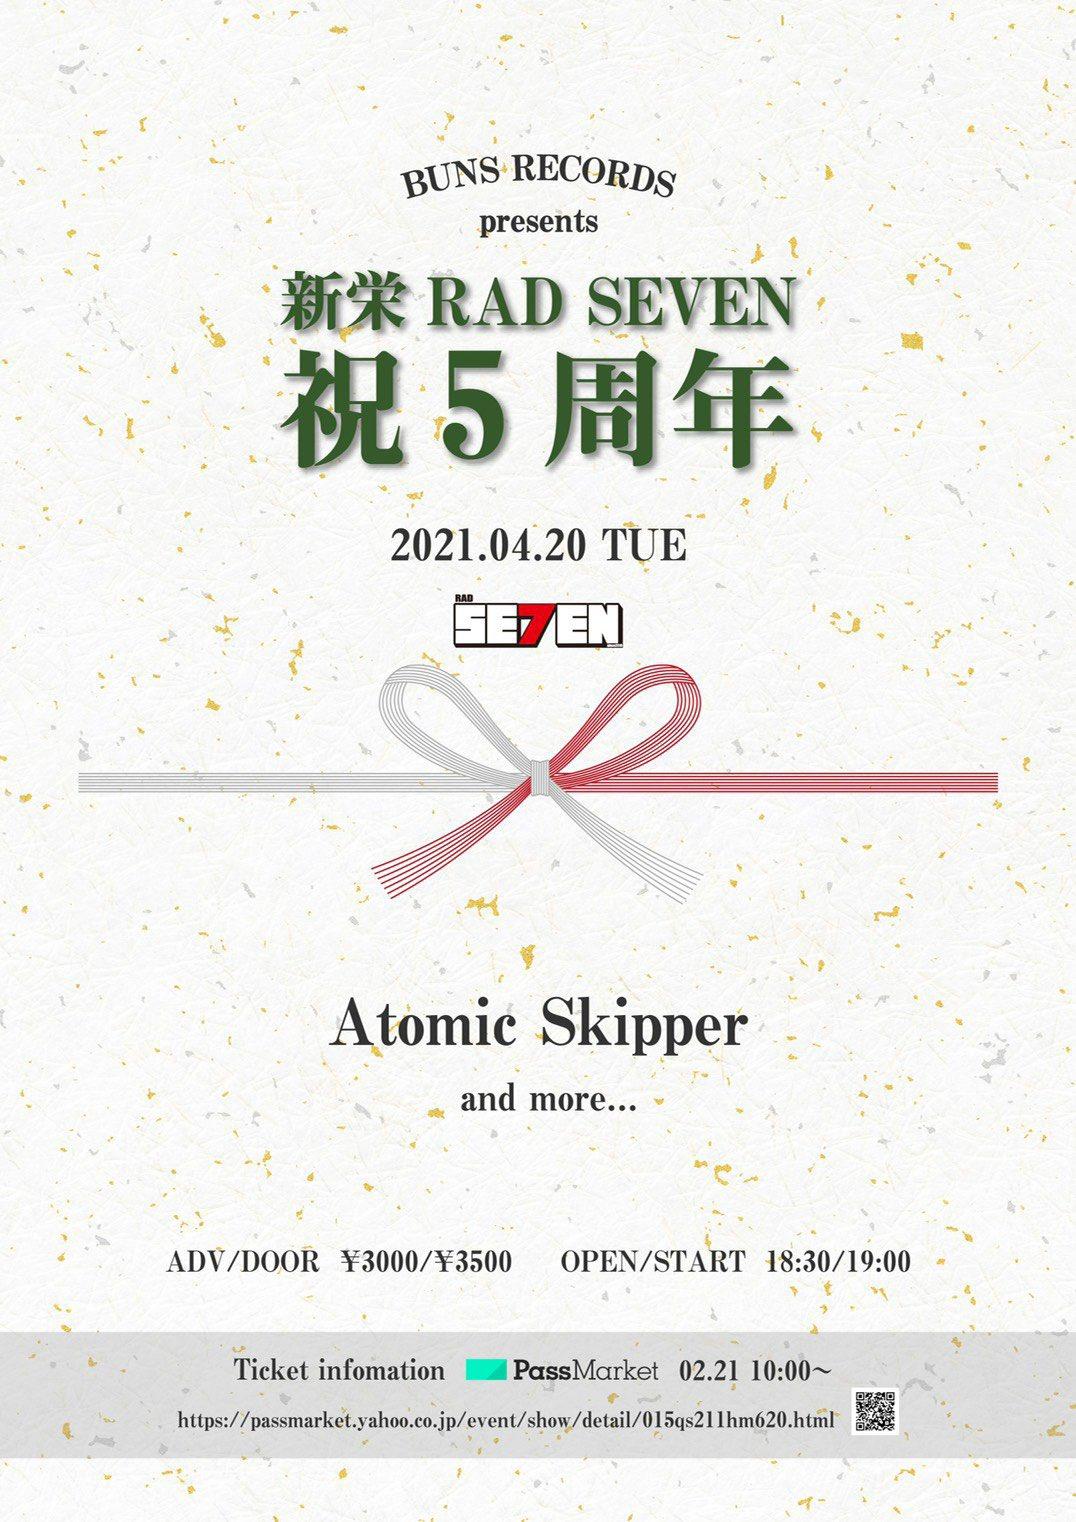 BUNS RECORDS presents 新栄RAD  SEVEN 祝5周年